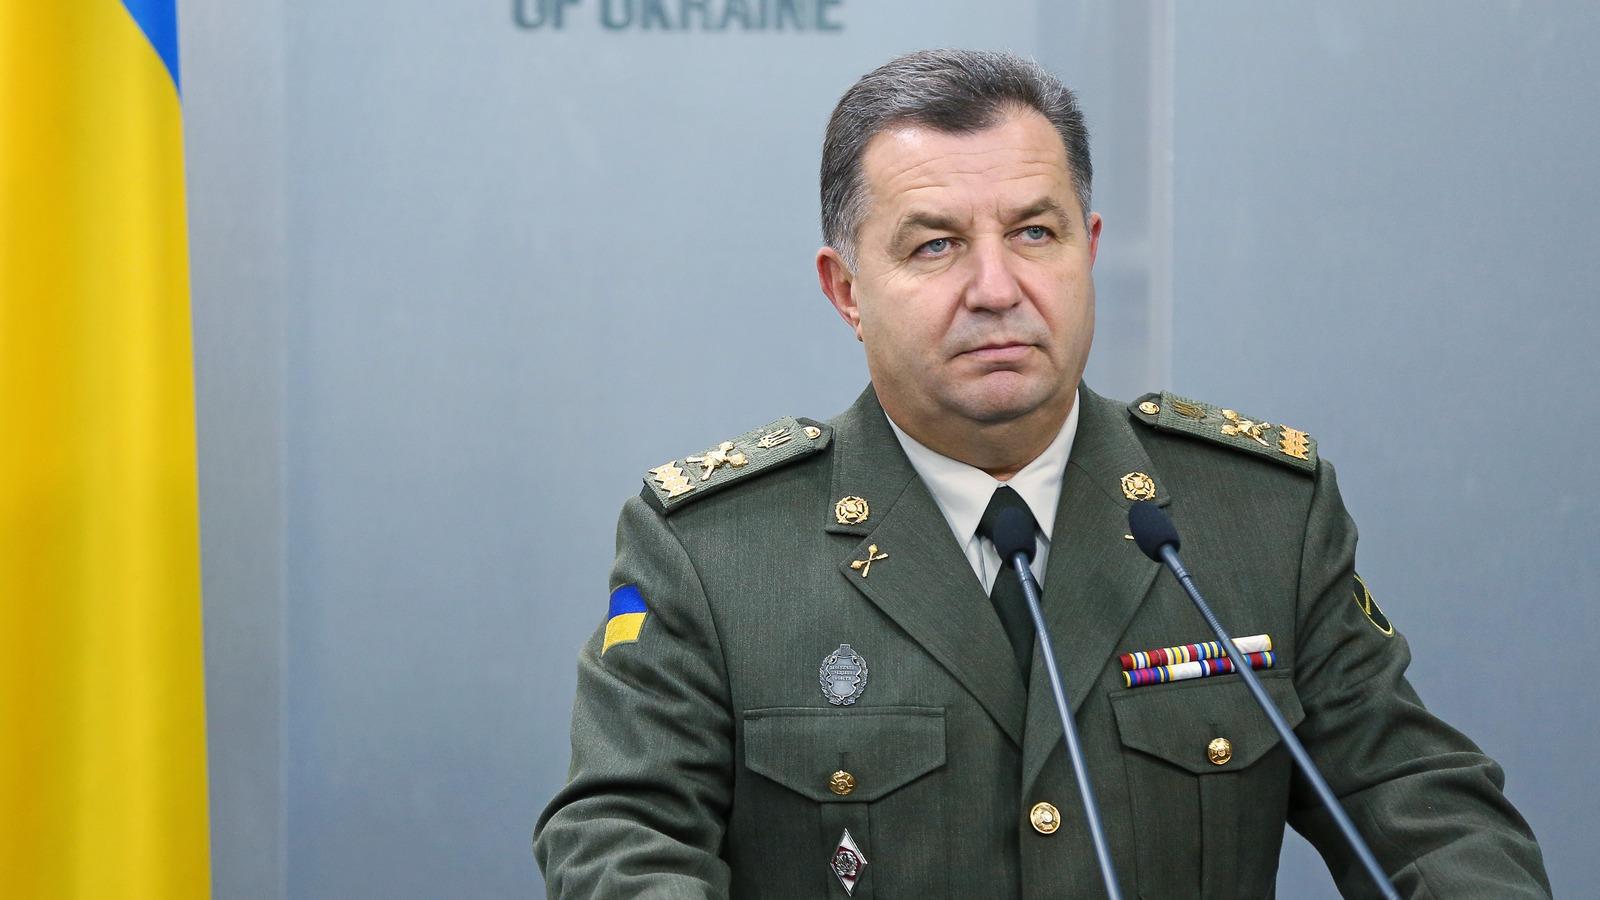 Ministrul Apărării de la Kiev, Stepan Poltorak, respinge categoric participarea trupelor rusești la misiunea de menținere a păcii din Donbass